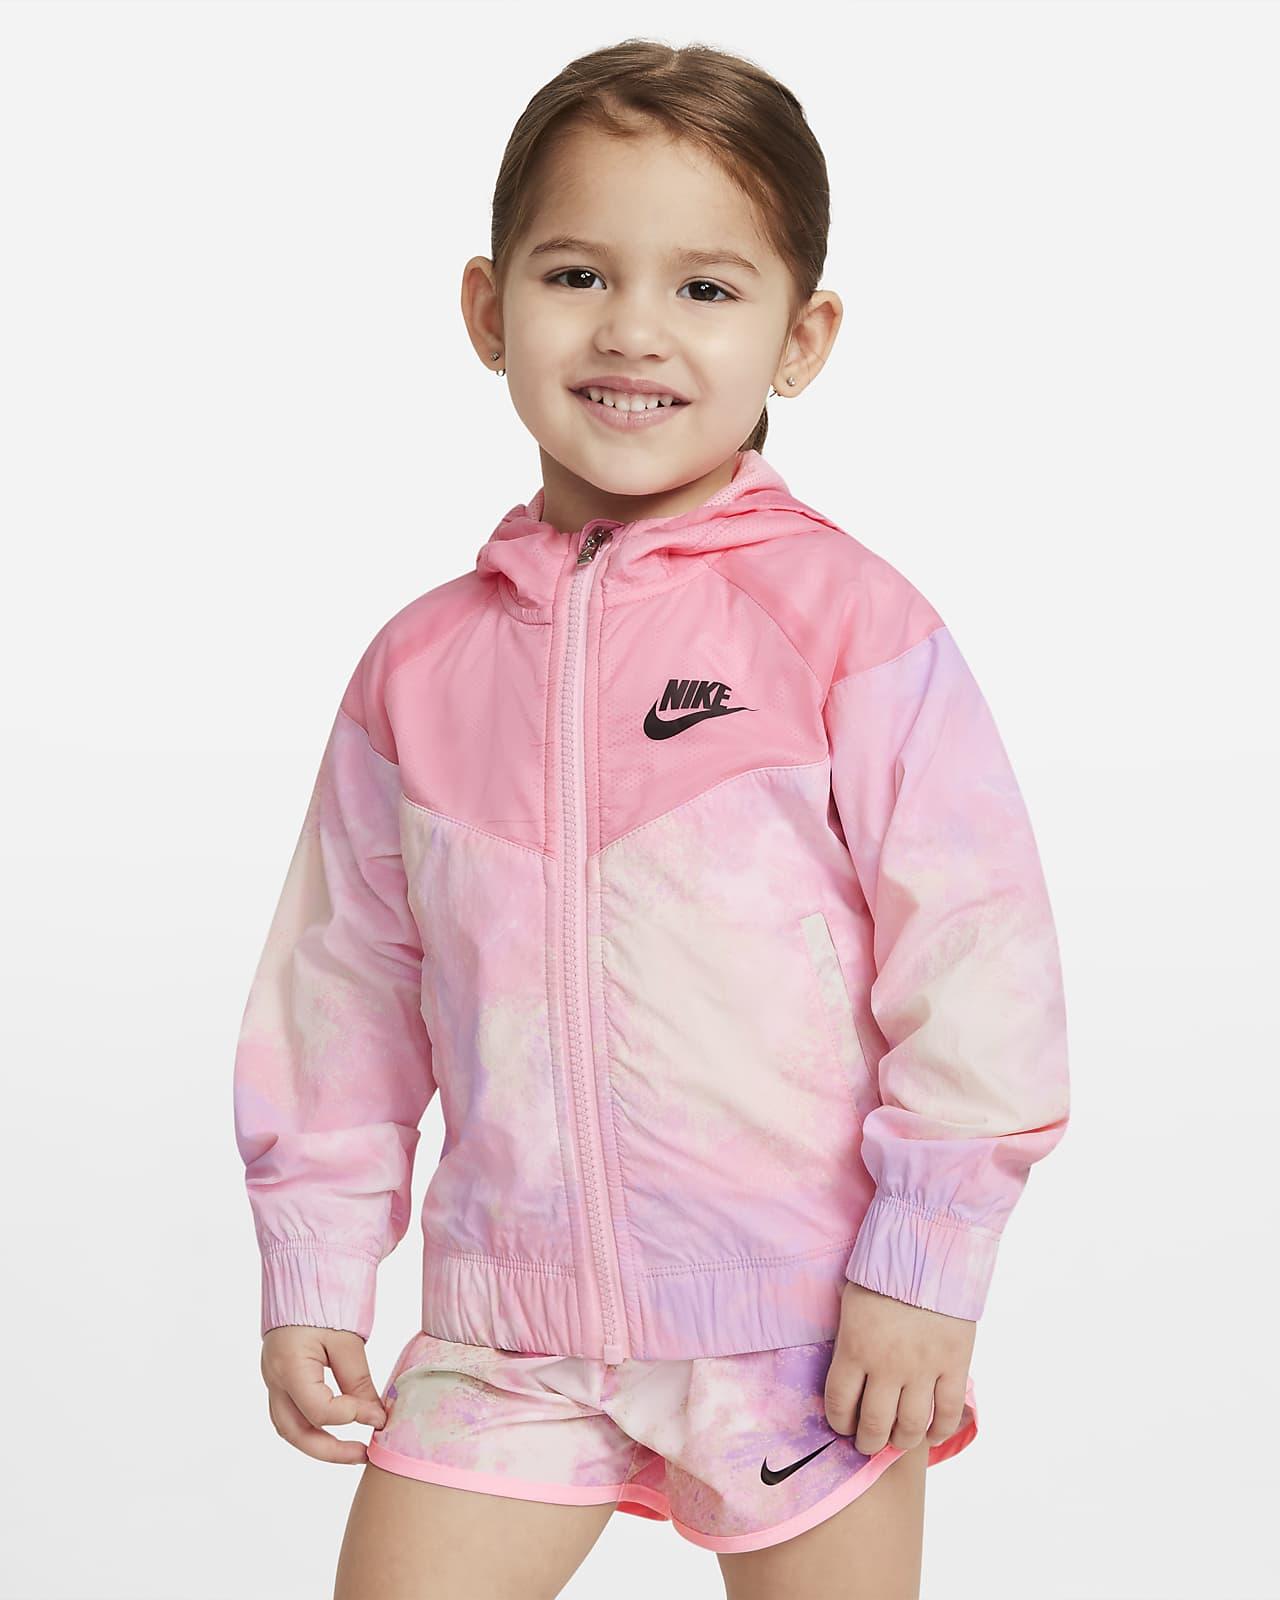 Nike Sportswear Windrunner Toddler Tie-Dye Full-Zip Jacket